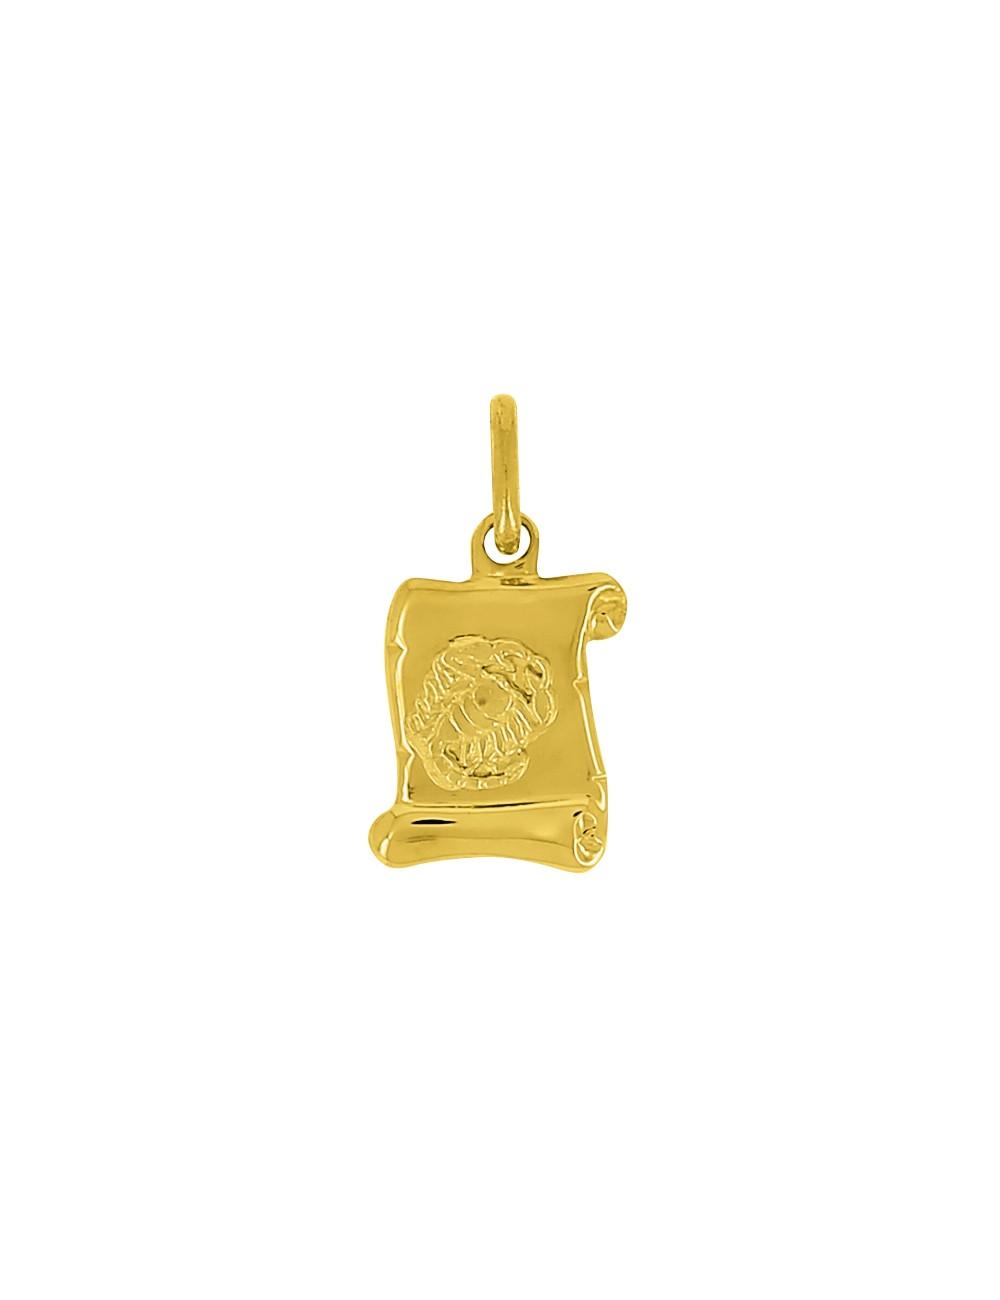 Pendentif Signe Du Zodiaque Bélier Or Jaune 18 Carats + Chaine Or Jaune 18 Carats Offerte